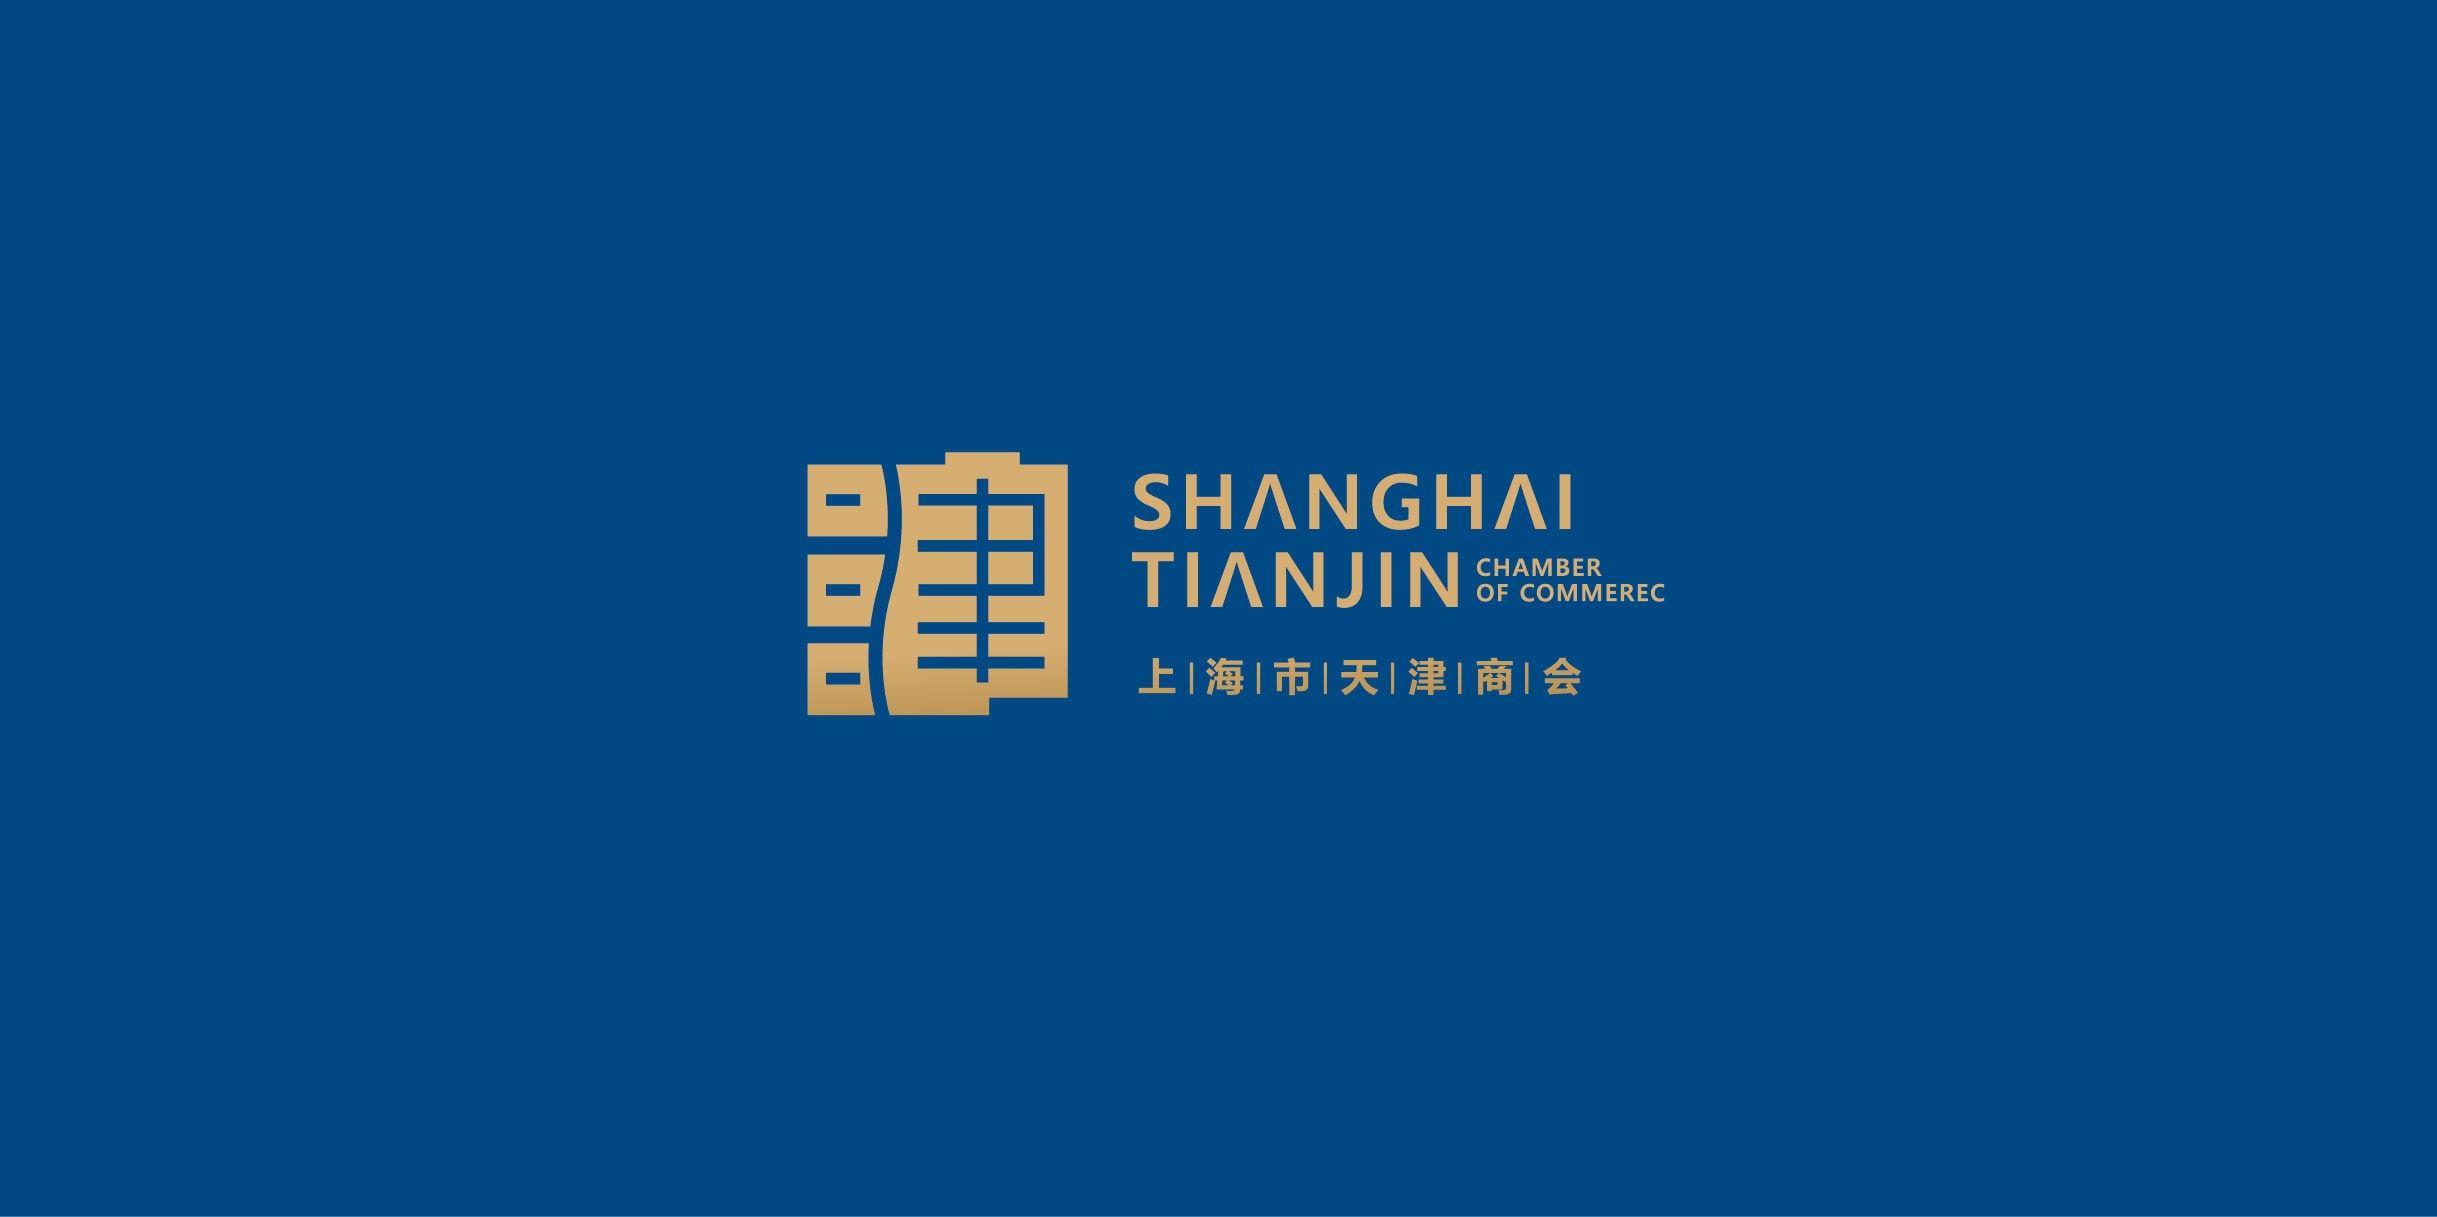 全球娱乐新闻-上海市天津商会